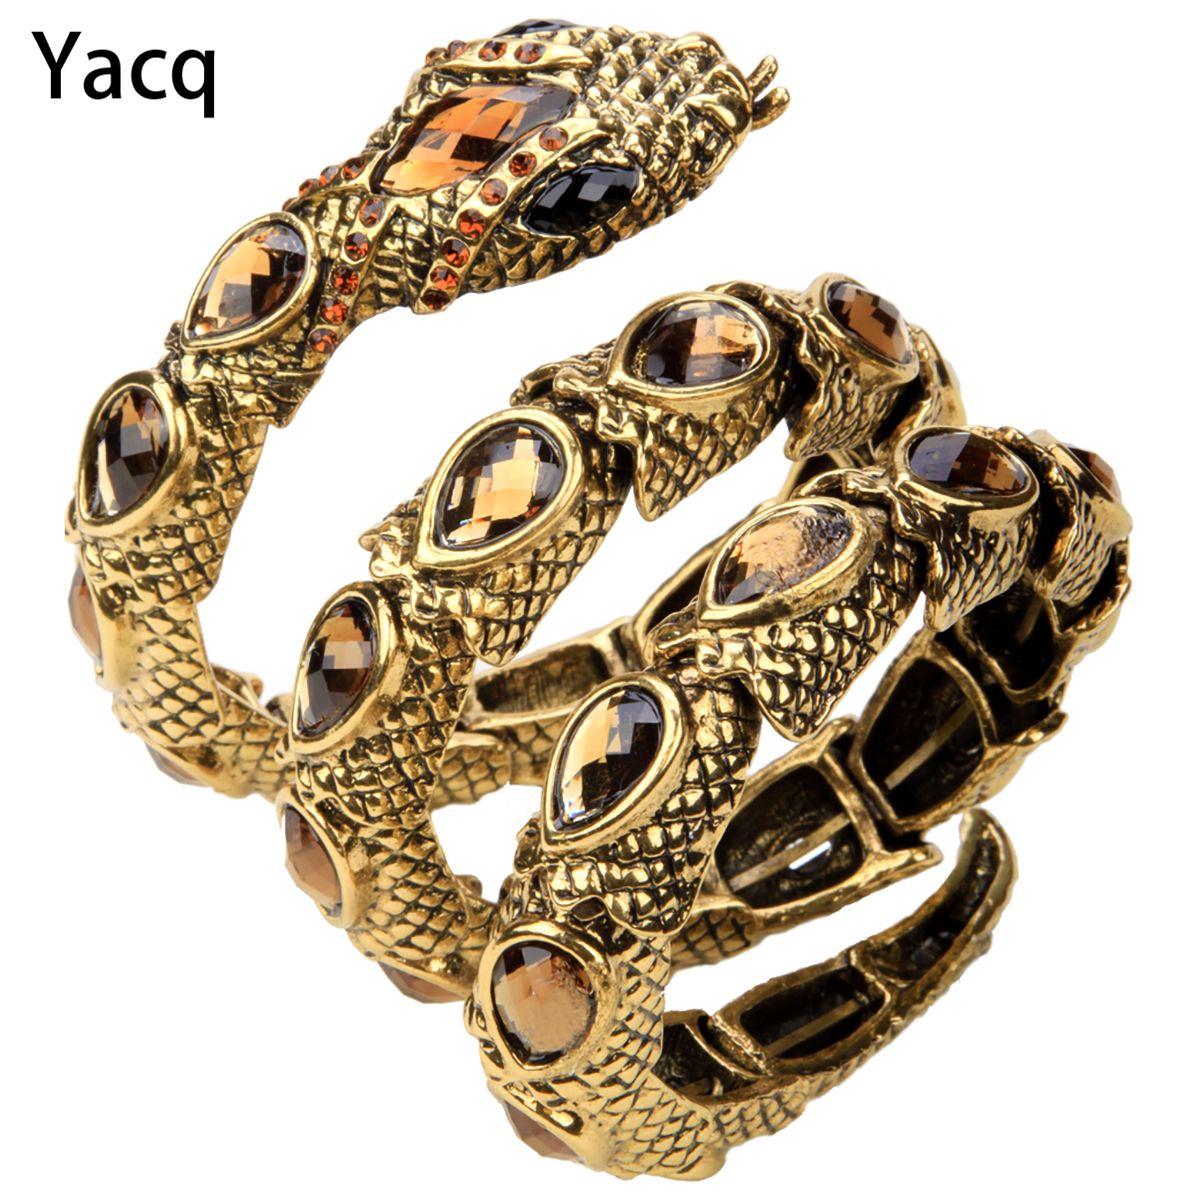 YACQ Bracelet serpent extensible Armlet bras supérieur manchette femmes Punk Rock cristal Bracelet bijoux or argent couleur livraison directe A32